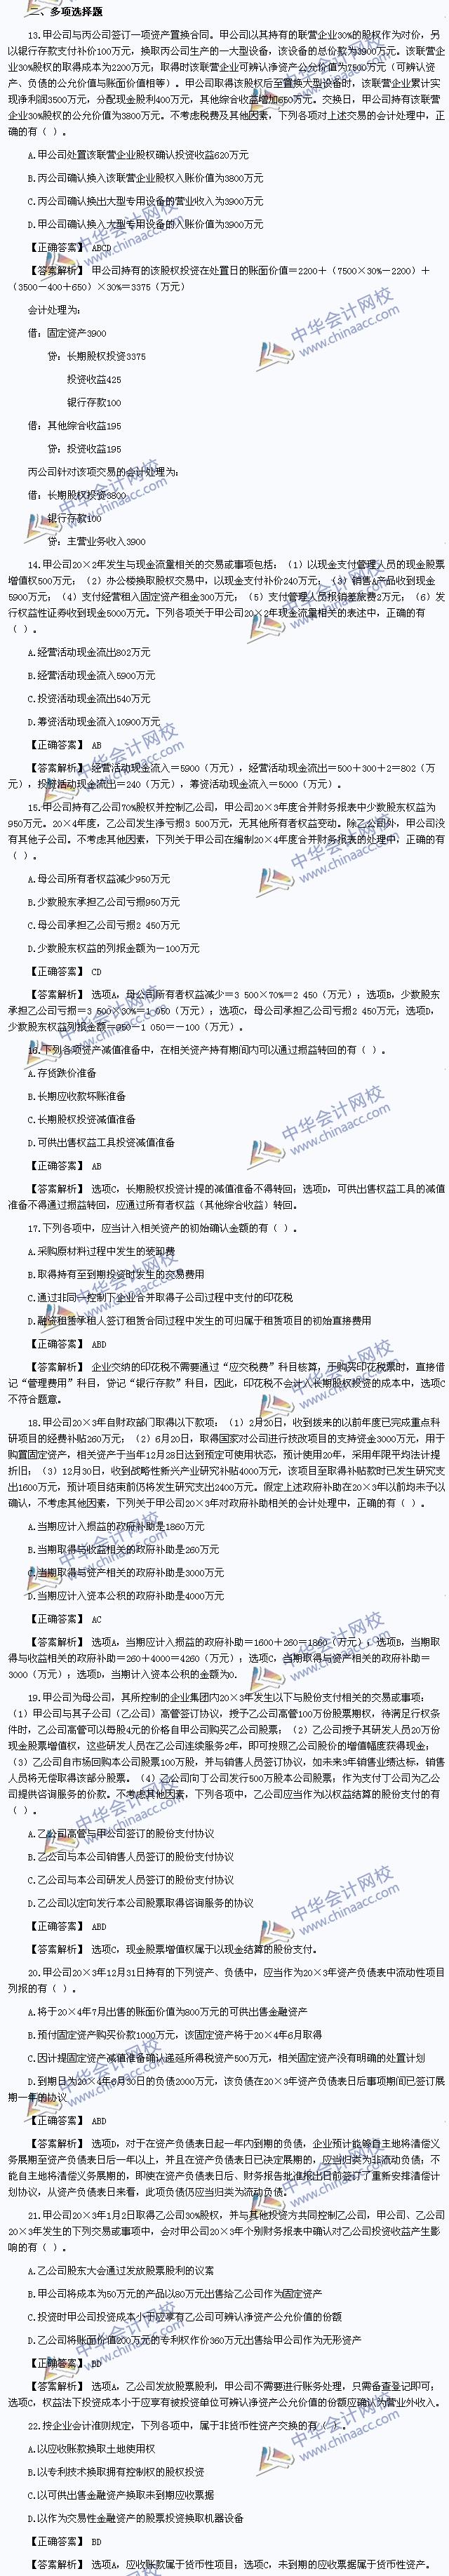 2013年注册会计师《会计》考试试题及答案解析